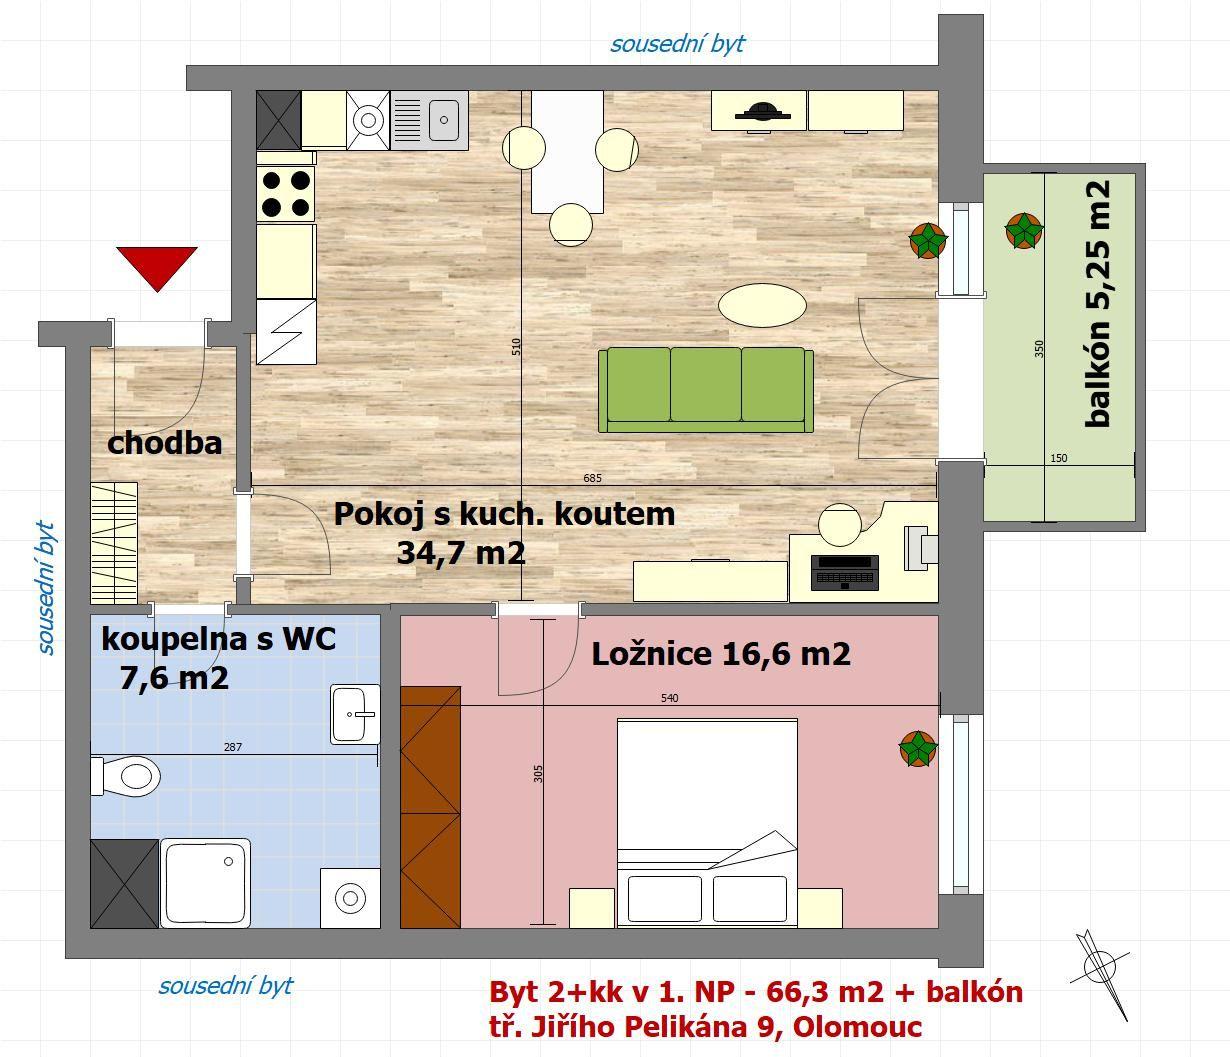 Pronájem nového byty 2+kk v Olomouci - tř. Jiřího Pelikána